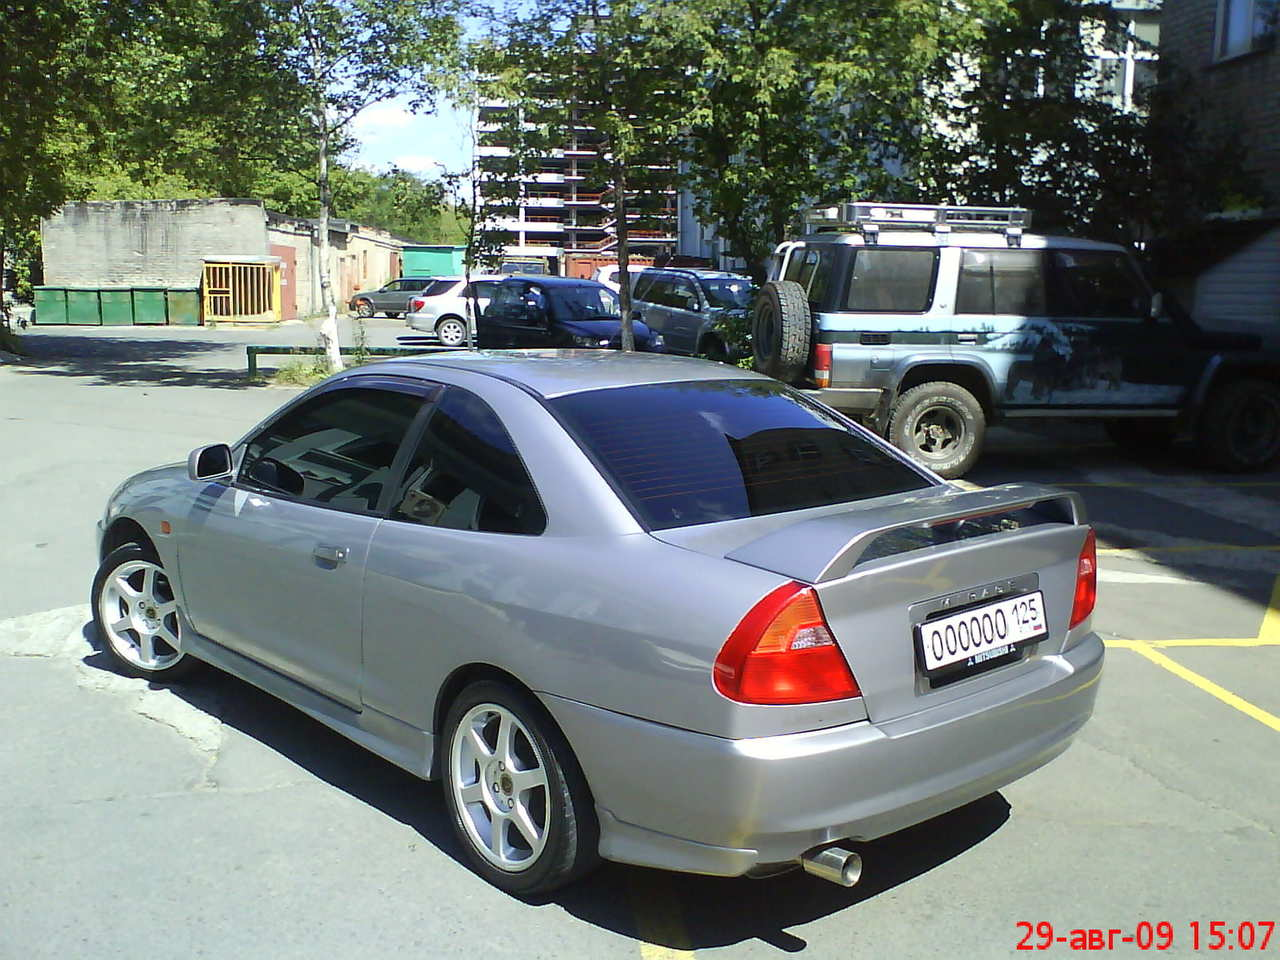 1999 Mitsubishi Mirage ASTI For Sale, 1500cc., Gasoline, FF, Automatic For Sale